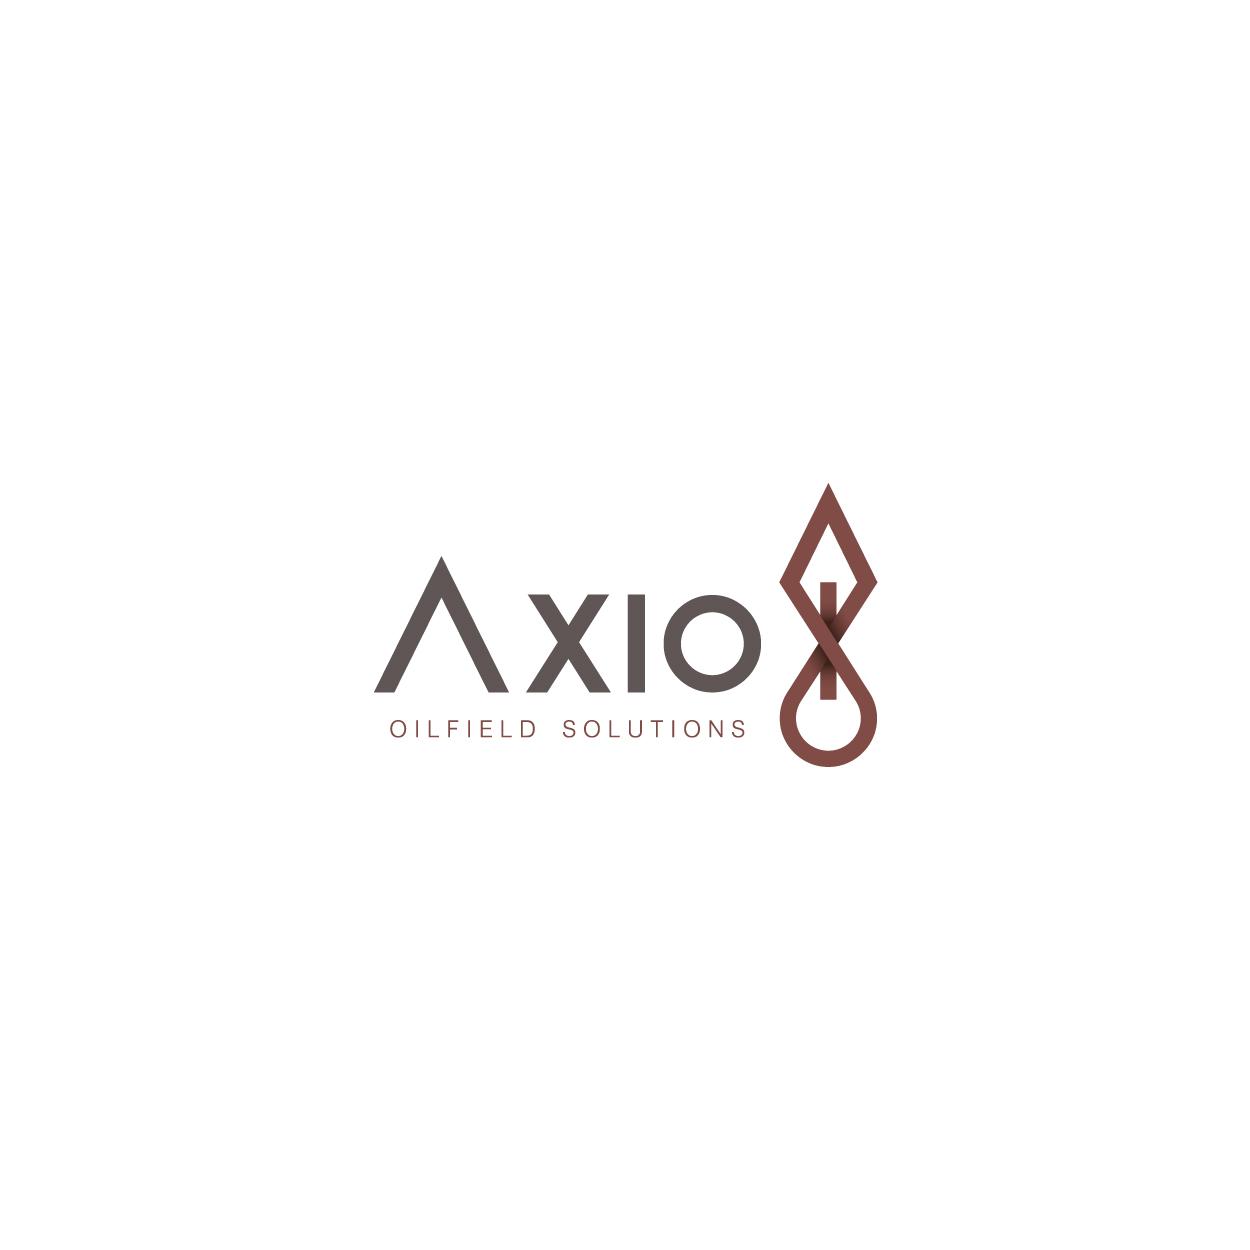 axio-logo